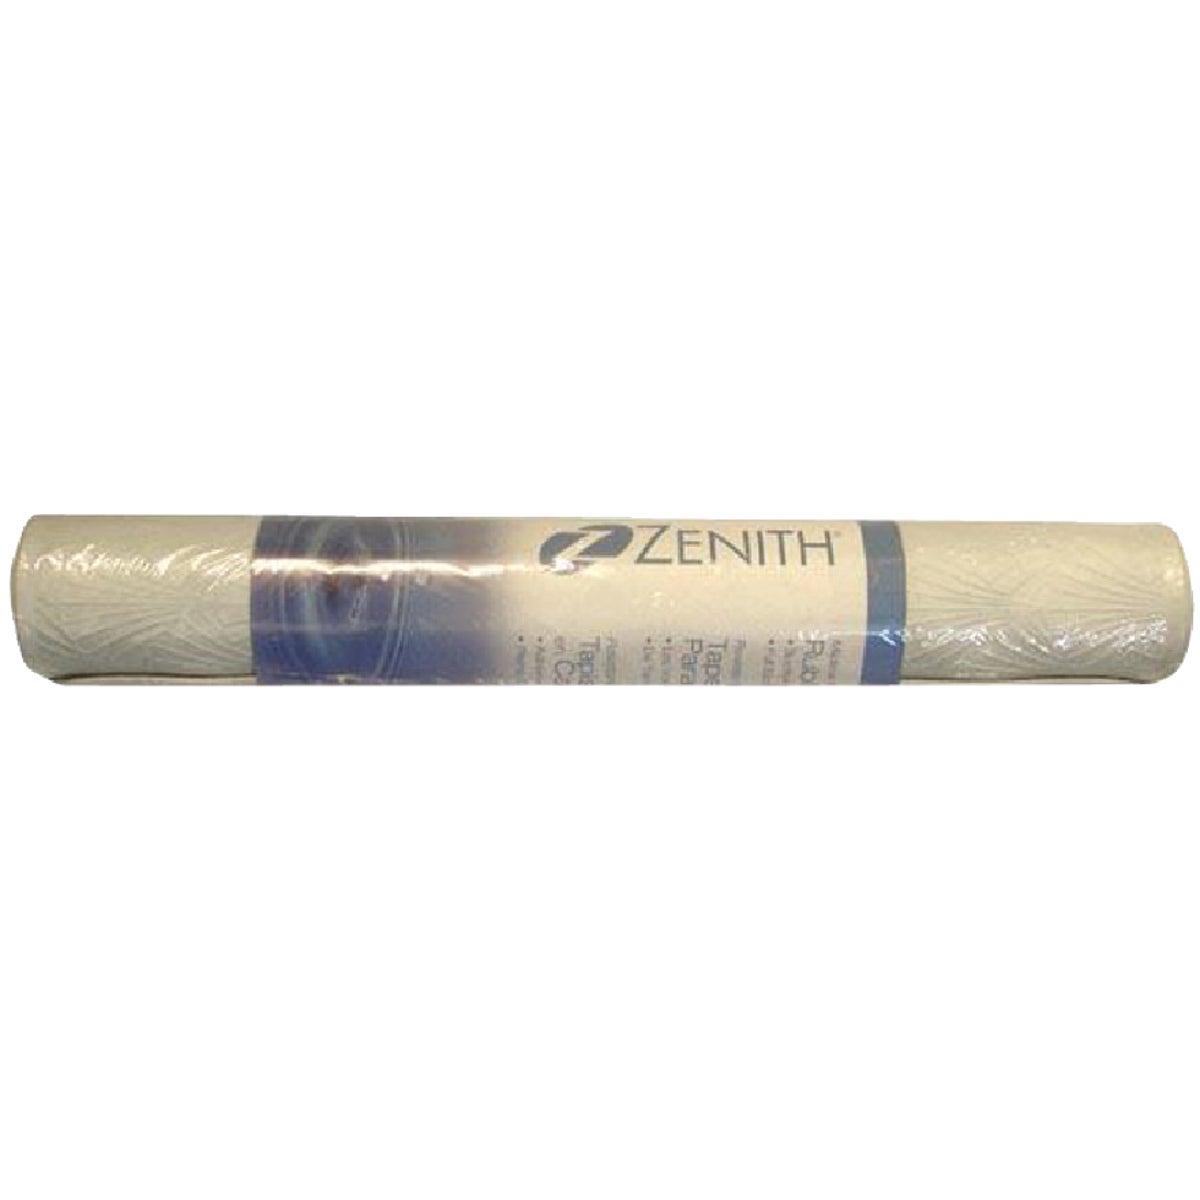 Zenith Prod. WHITE RUBBER BATH MAT 77WW